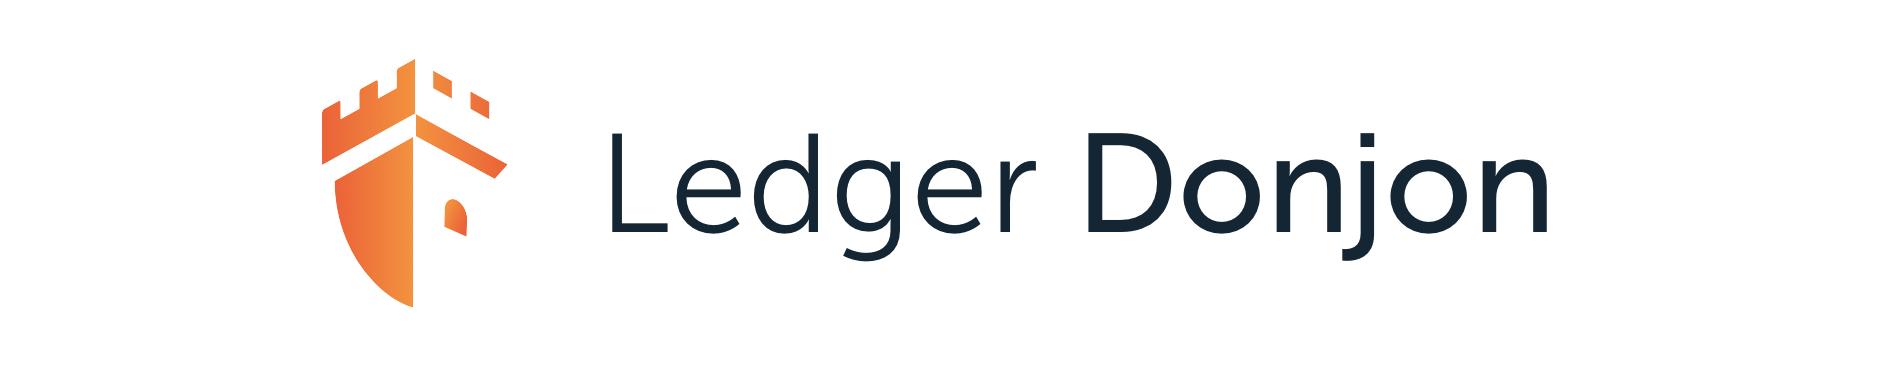 Ledger Donjon logo